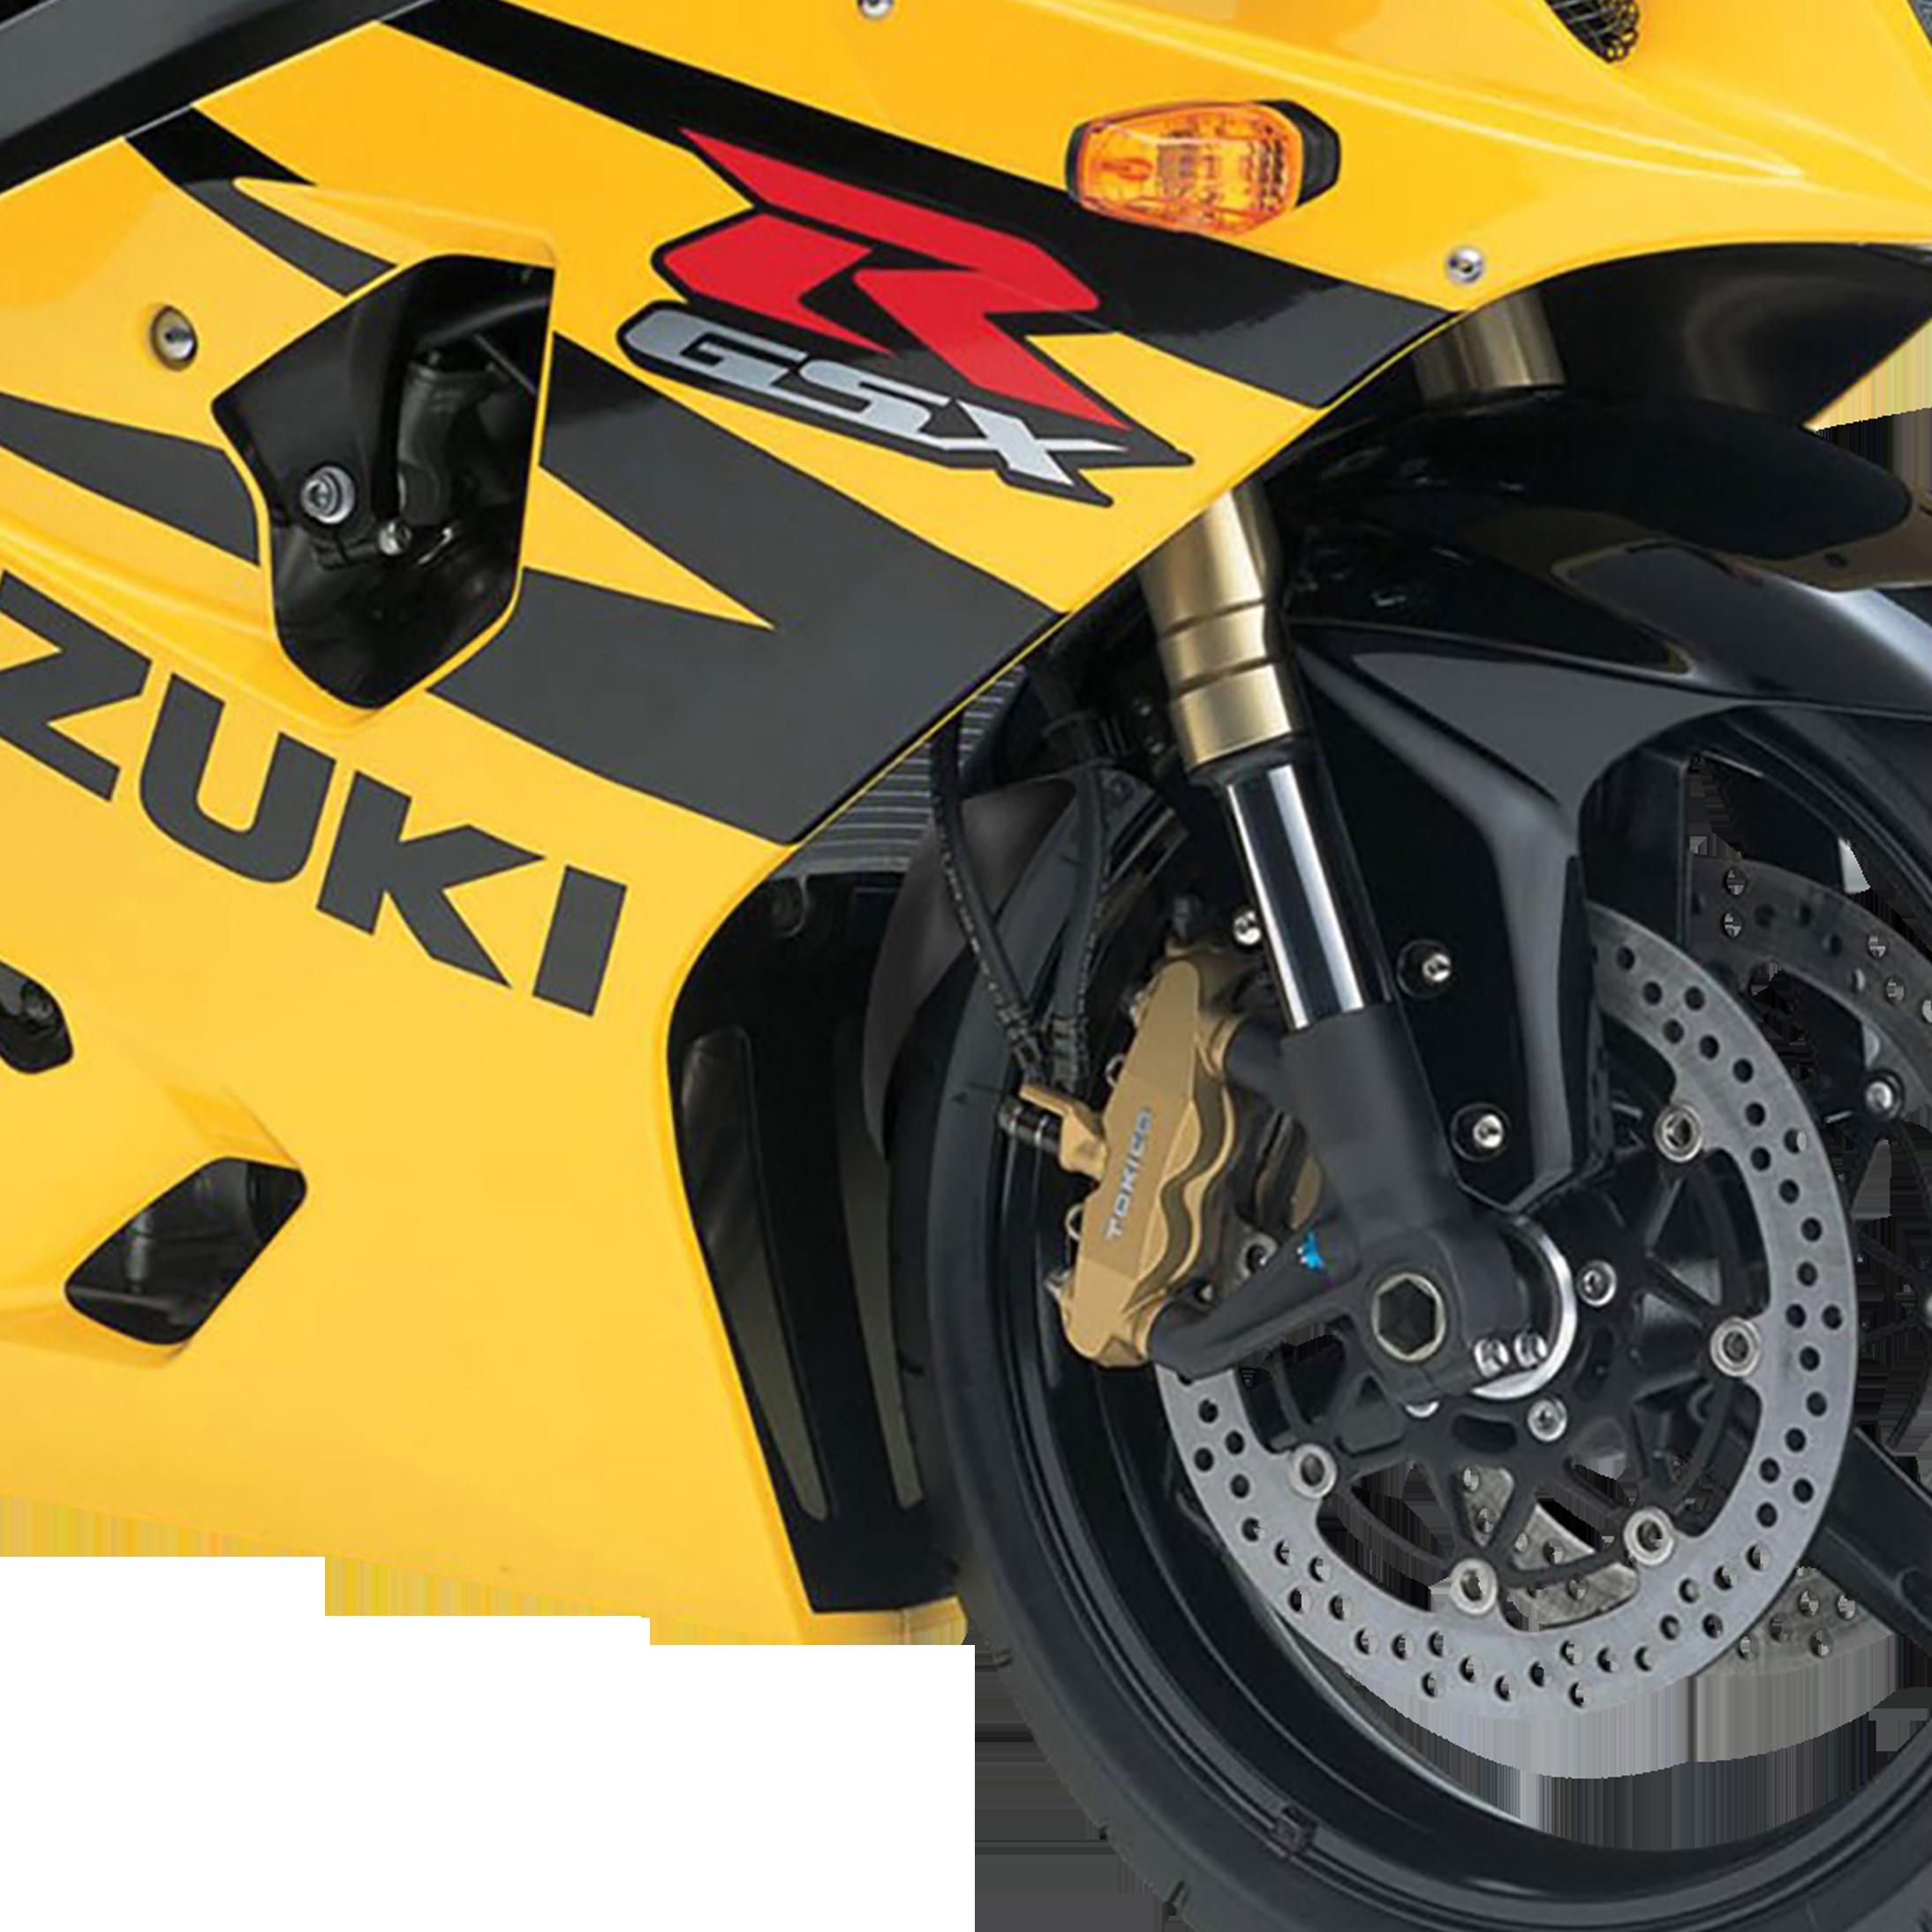 Garde-boue de moto Couvercle de garde-boue de car/énage de garde-boue de garde-boue avant de moto